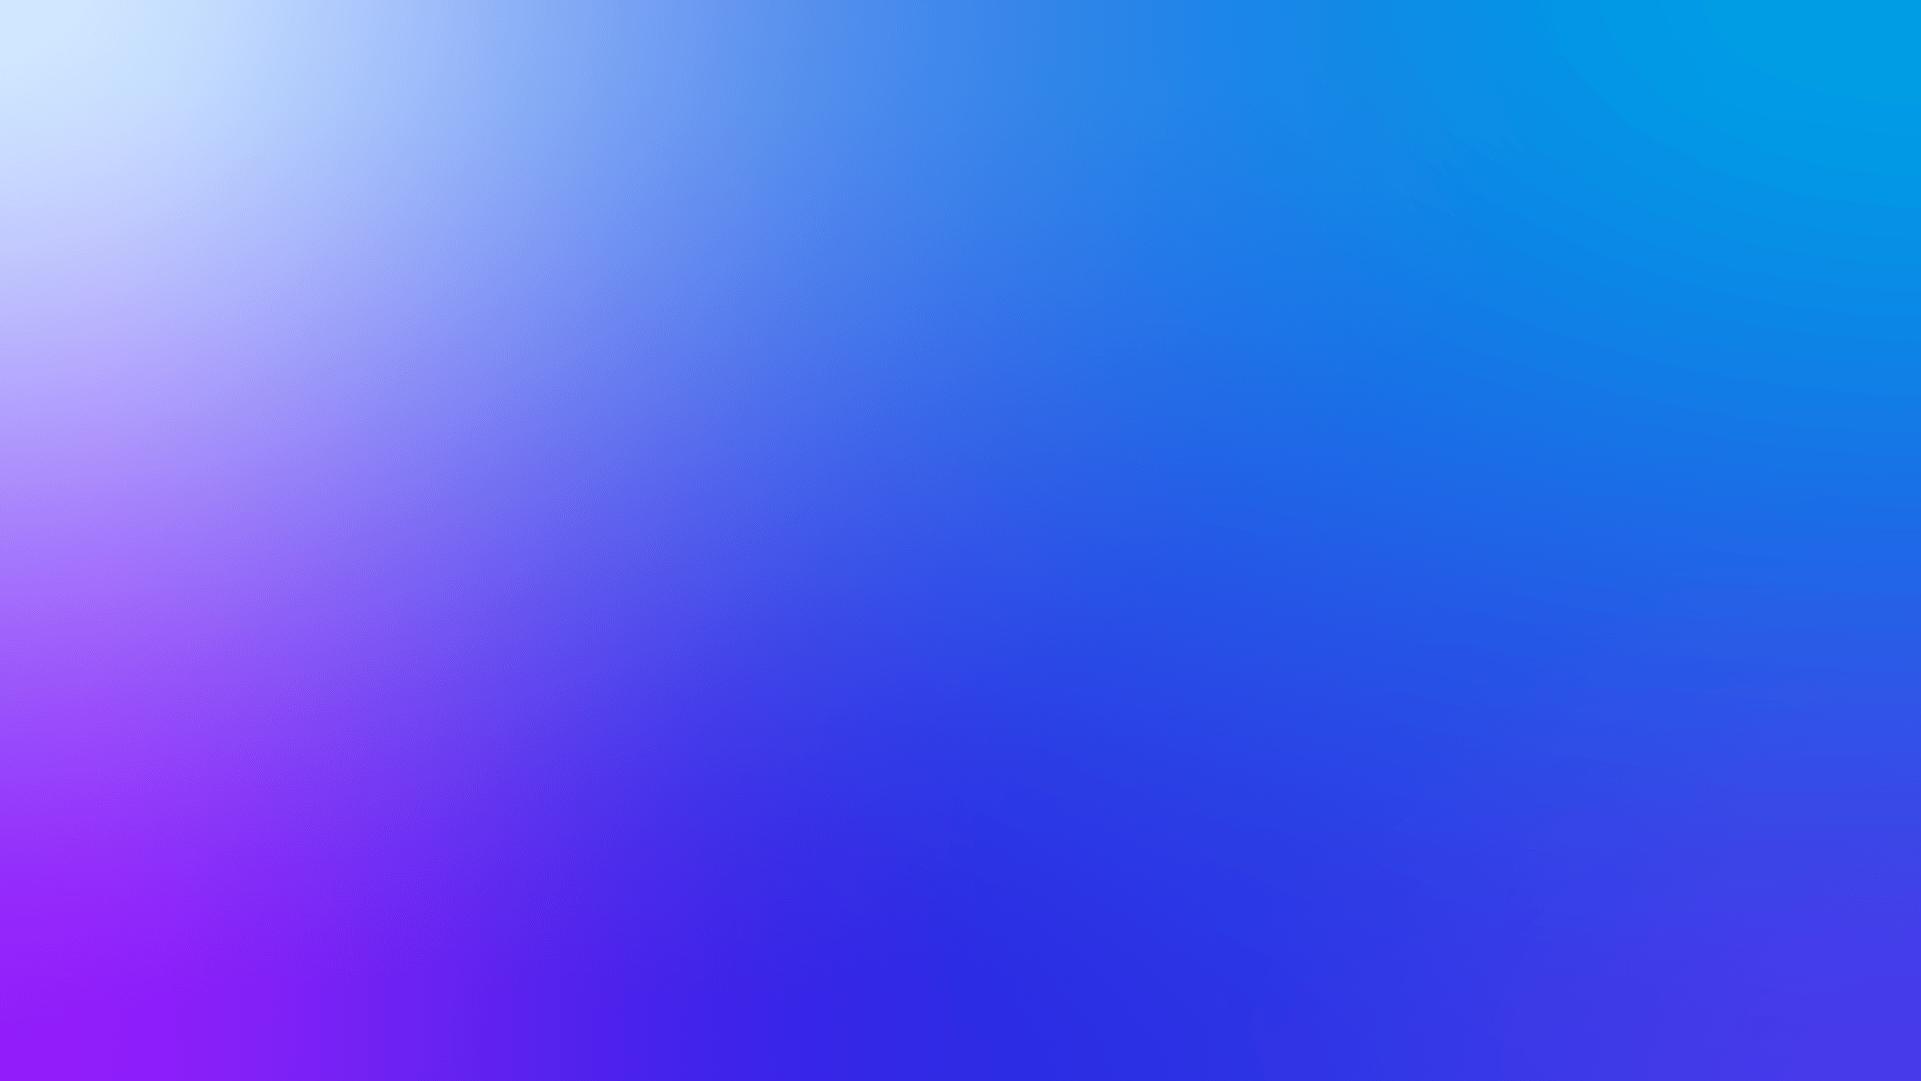 DSM-21-background_1920x1080